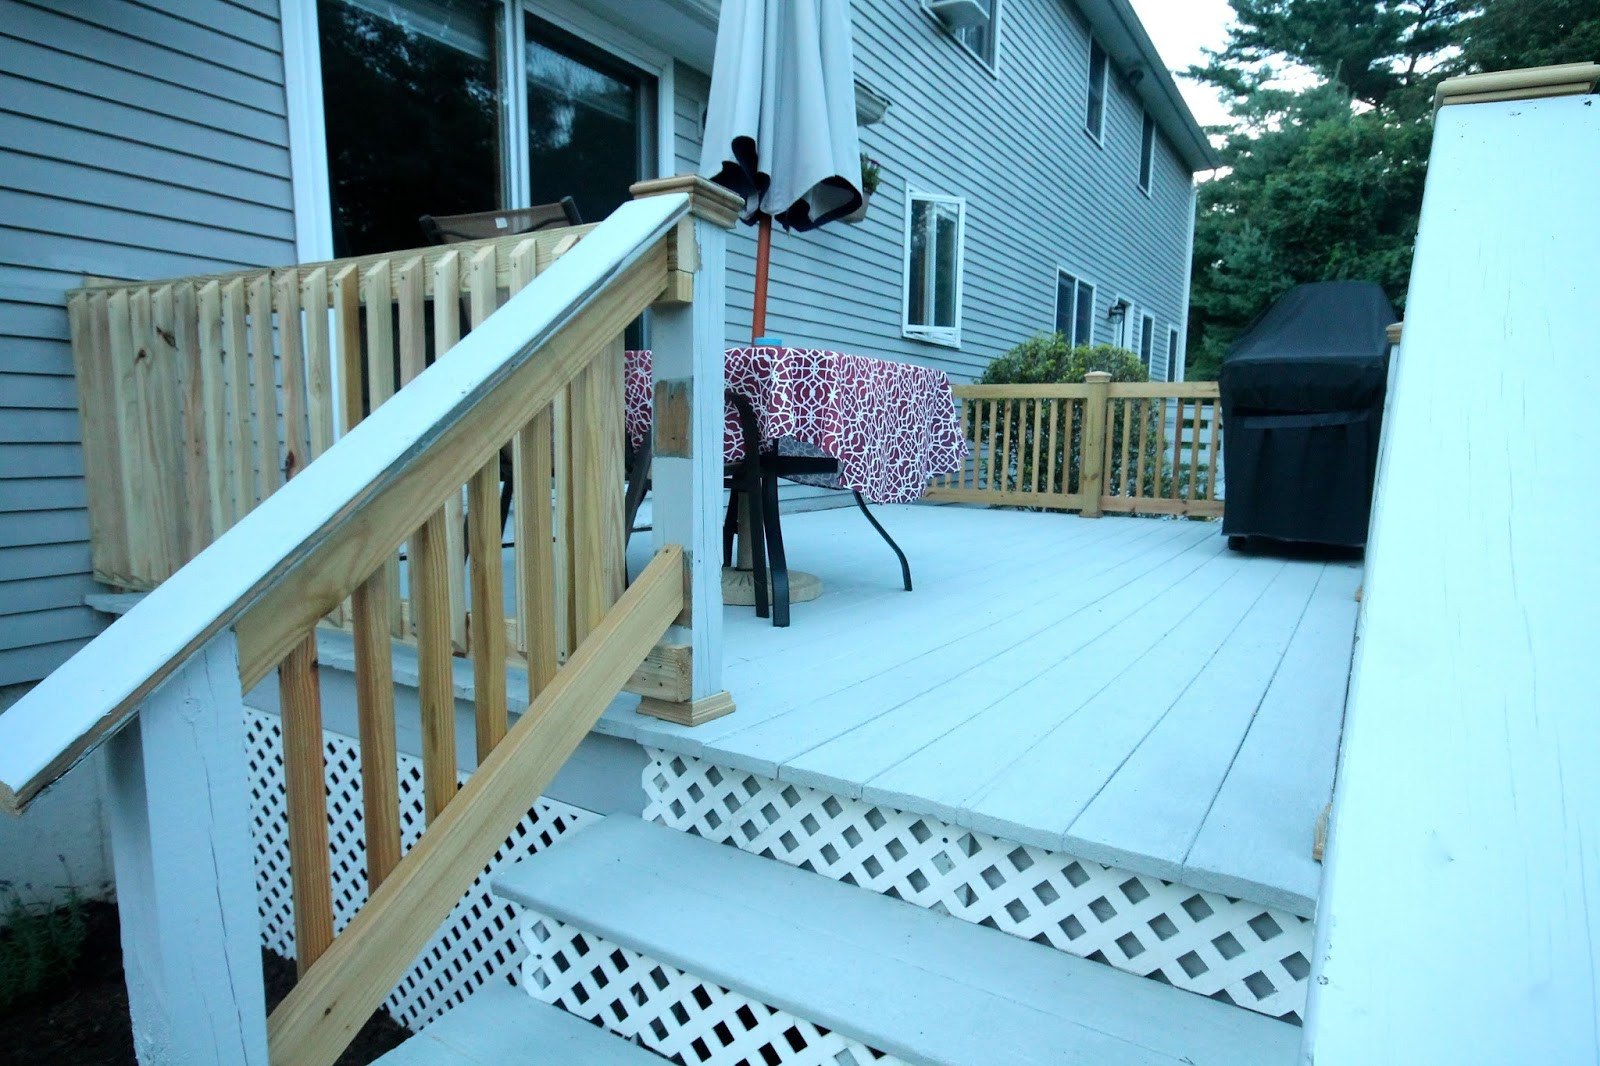 Best Deck Restoration Paint  Rustoleum Deck Restore Project and Review